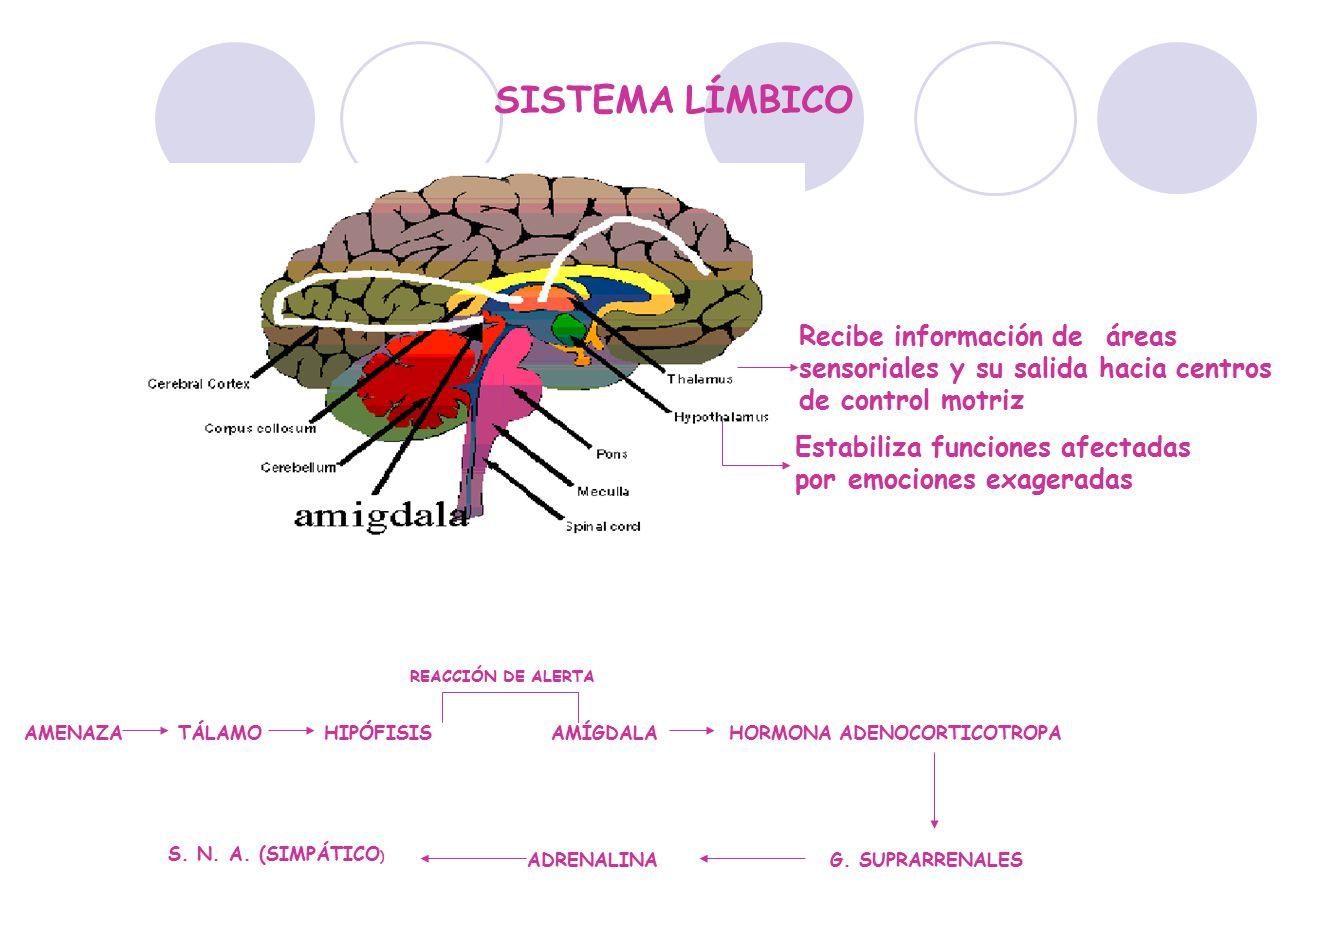 SISTEMA LÍMBICO Recibe información de áreas sensoriales y su salida hacia centros de control motriz.